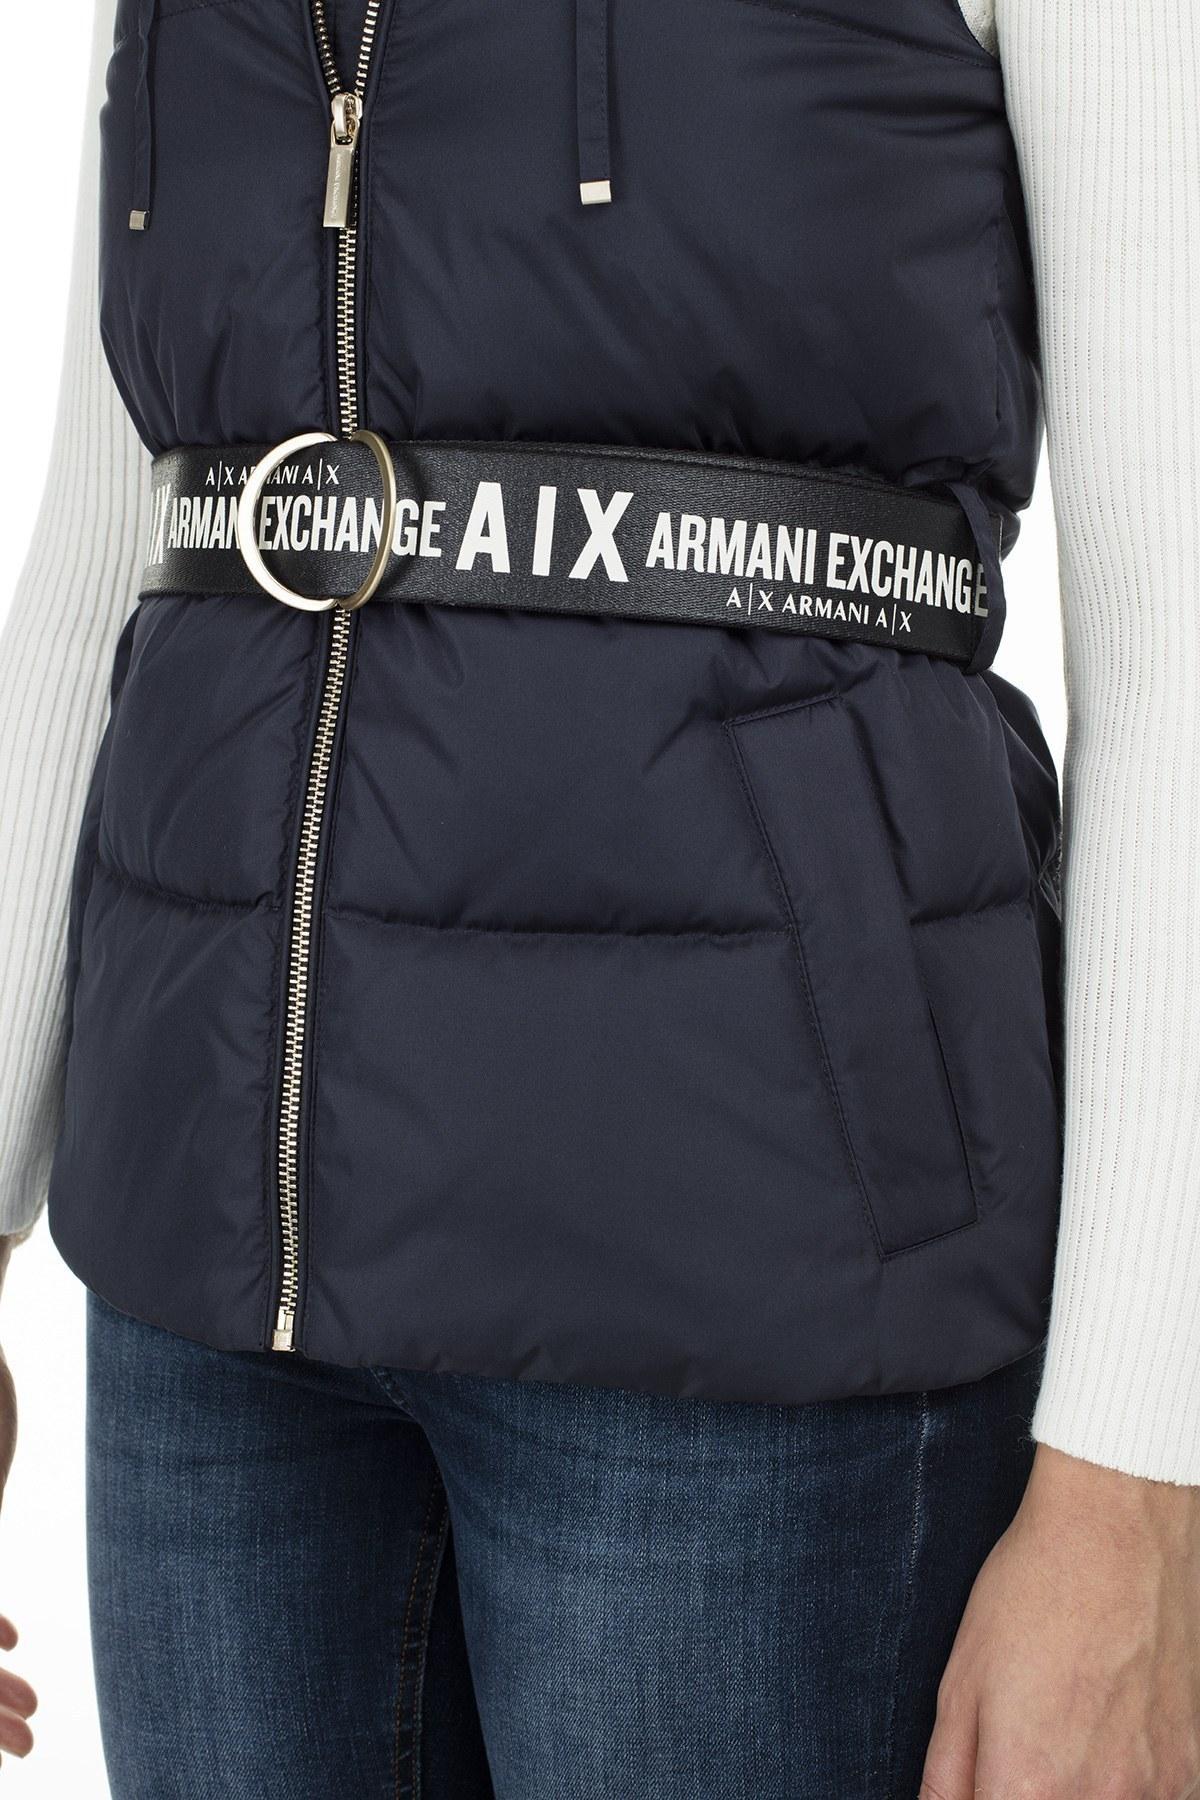 Armani Exchange Kontrast Kemerli Kaz Tüyü Dolgulu Kapüşonlu Kadın Yelek S 6GYQ09 YNNAZ 1593 LACİVERT